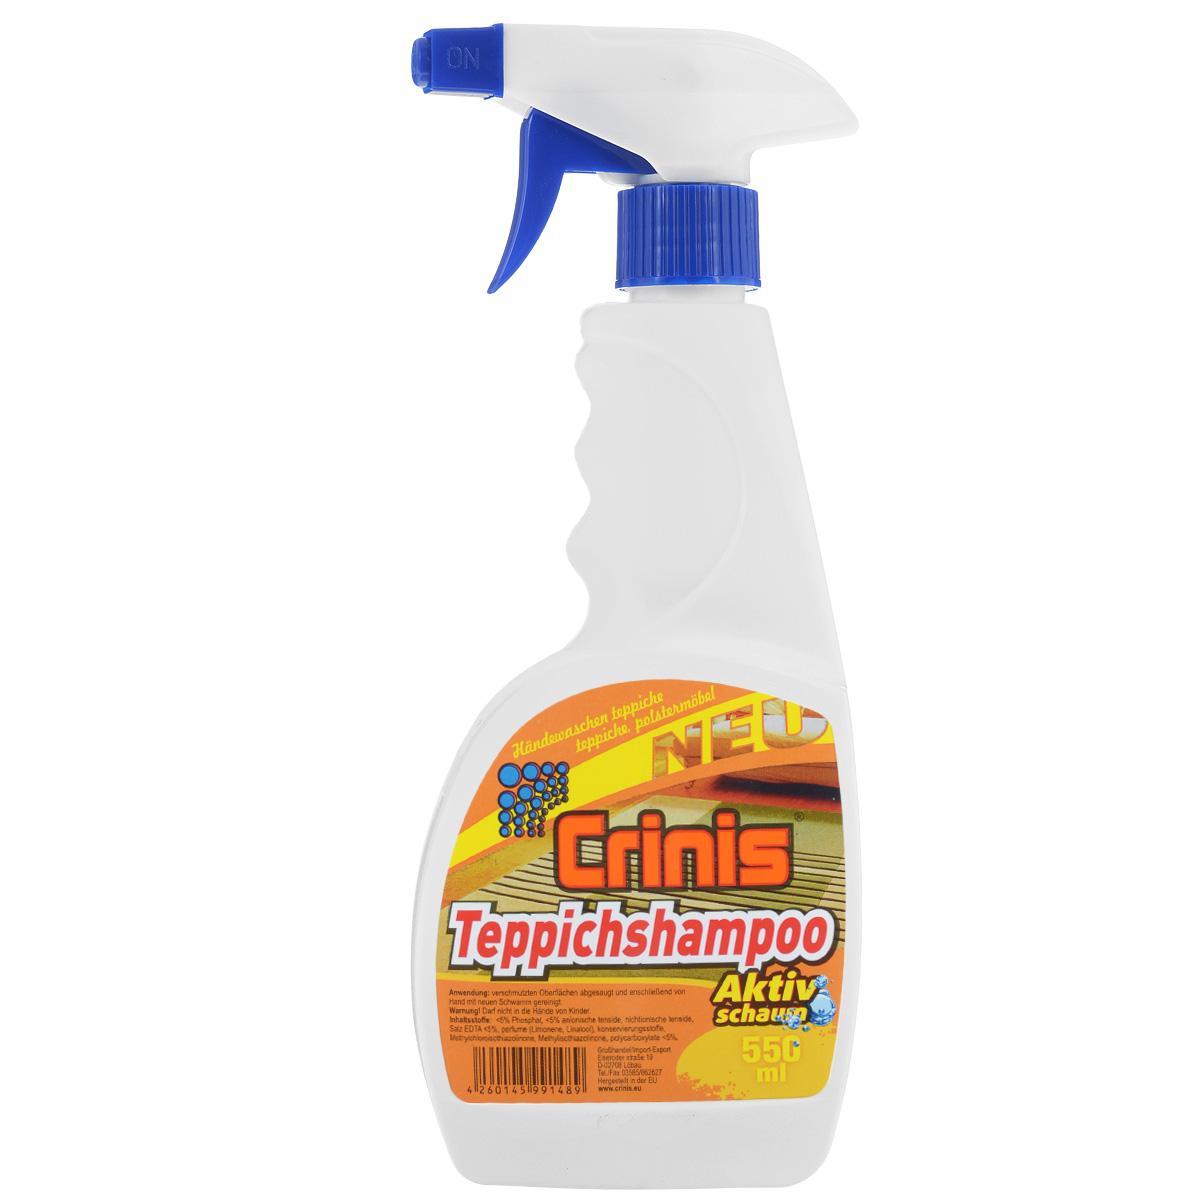 Средство для чистки ковров Crinis Teppichshampoo, 550 млCC0550Средство для чистки ковров вручную Crinis Teppichshampoo хорошо очищает, удаляет пятна, нейтрализует запах. Подходит для ковров, ковролина, обивки и т.д. Продукт защищает напольные покрытия от новых загрязнений, оживляет цвета. Состав: анионные ПАВ менее 5%, неионные ПАВ менее 5%, фосфаты менее 5%, ЭДТА менее 5%, поликарбоксилаты менее 5%, корсерванта (Methylchloroisothiazolinone, Methylisothiazolinone), аромат. Товар сертифицирован.